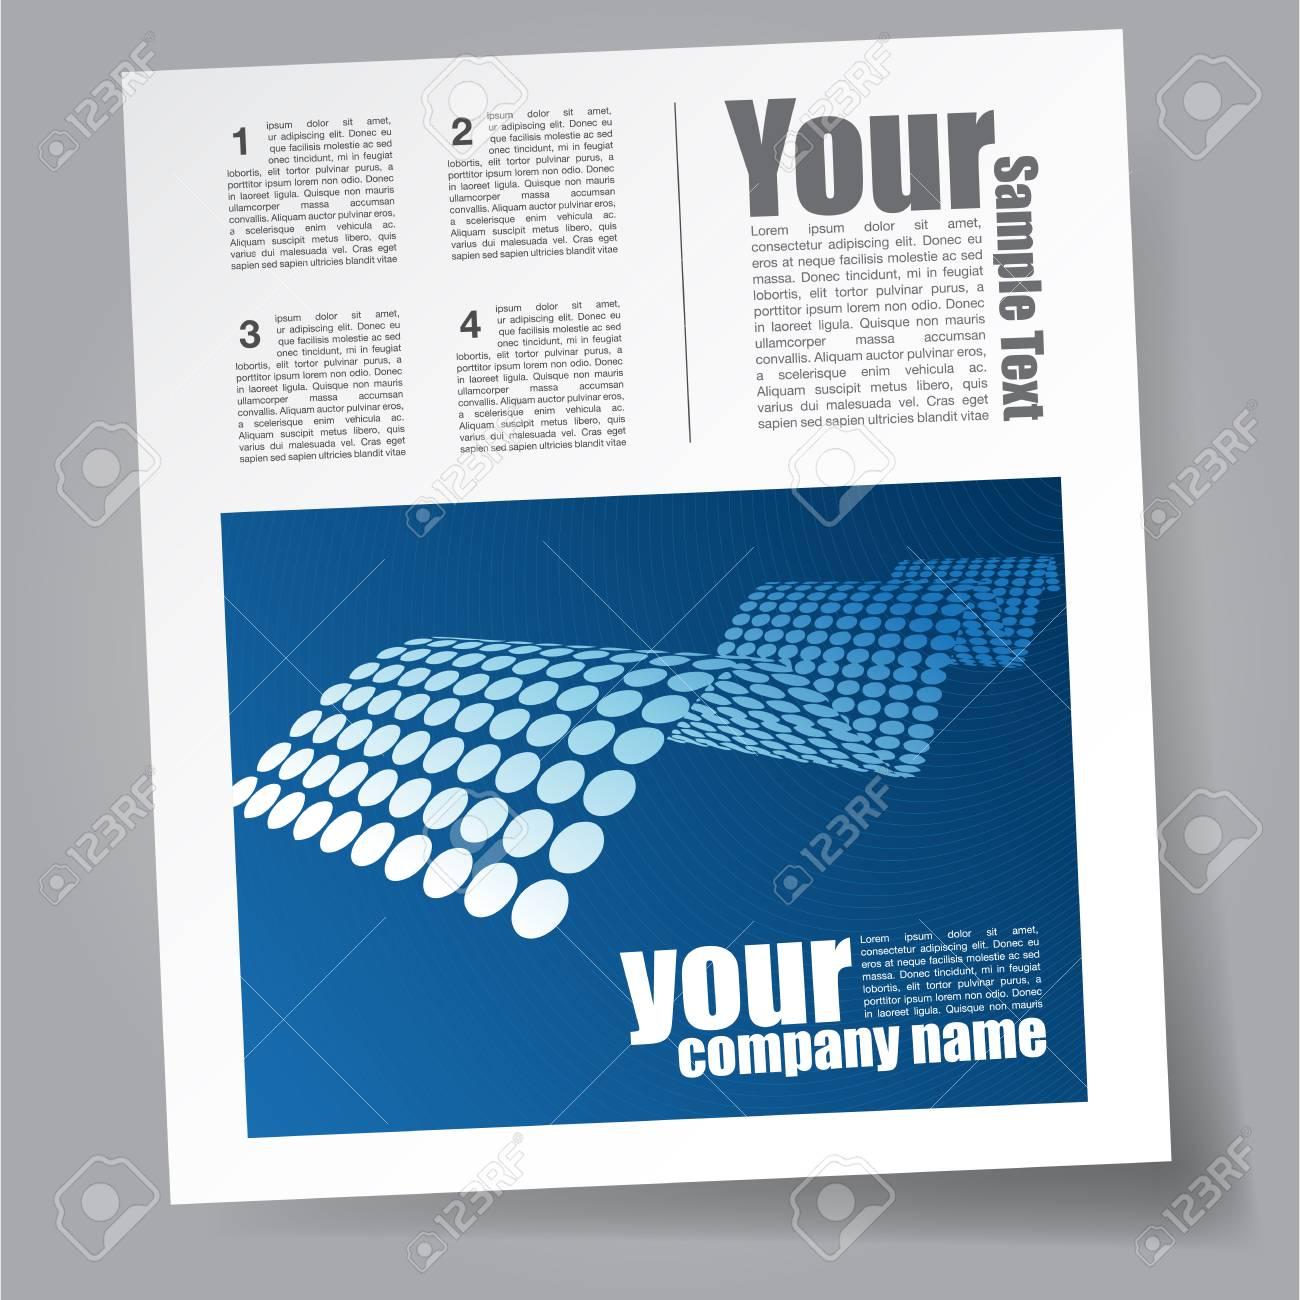 Plantilla Revista Tecnología Ilustraciones Vectoriales, Clip Art ...